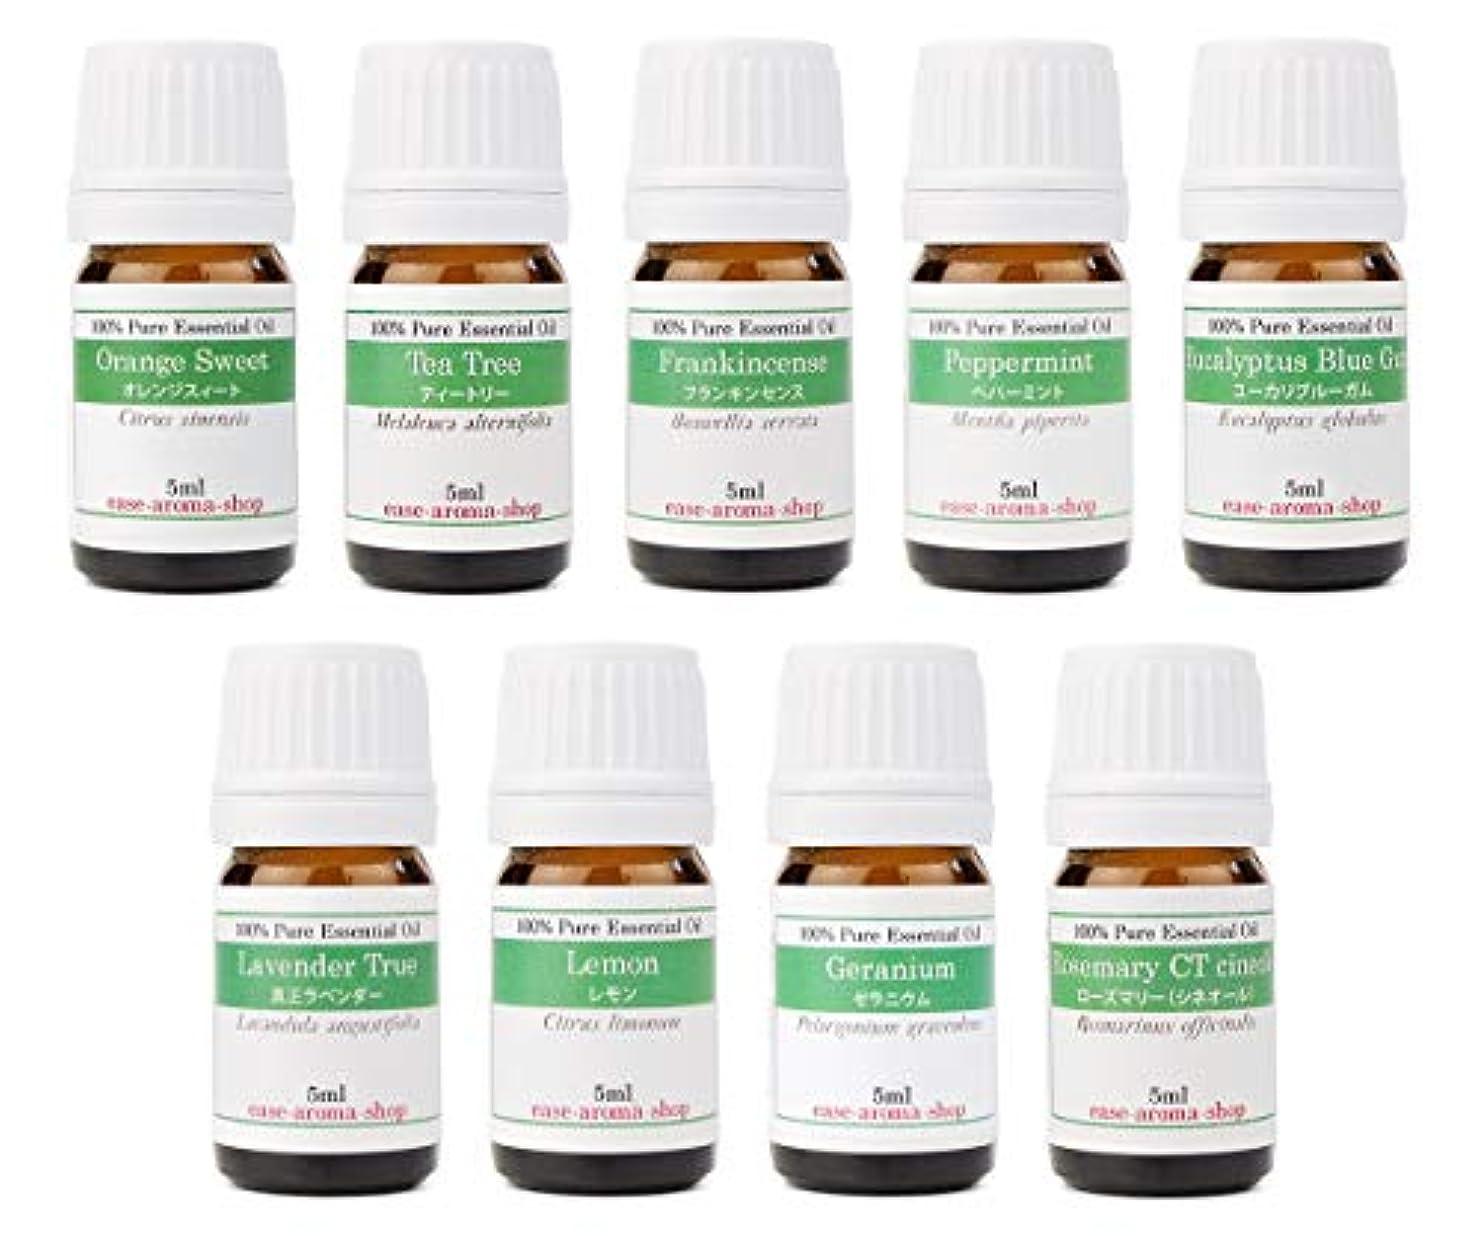 強化に向かって望む【2019年改訂版】ease AEAJアロマテラピー検定香りテスト対象精油セット 揃えておきたい基本の精油 2級 9本セット各5ml